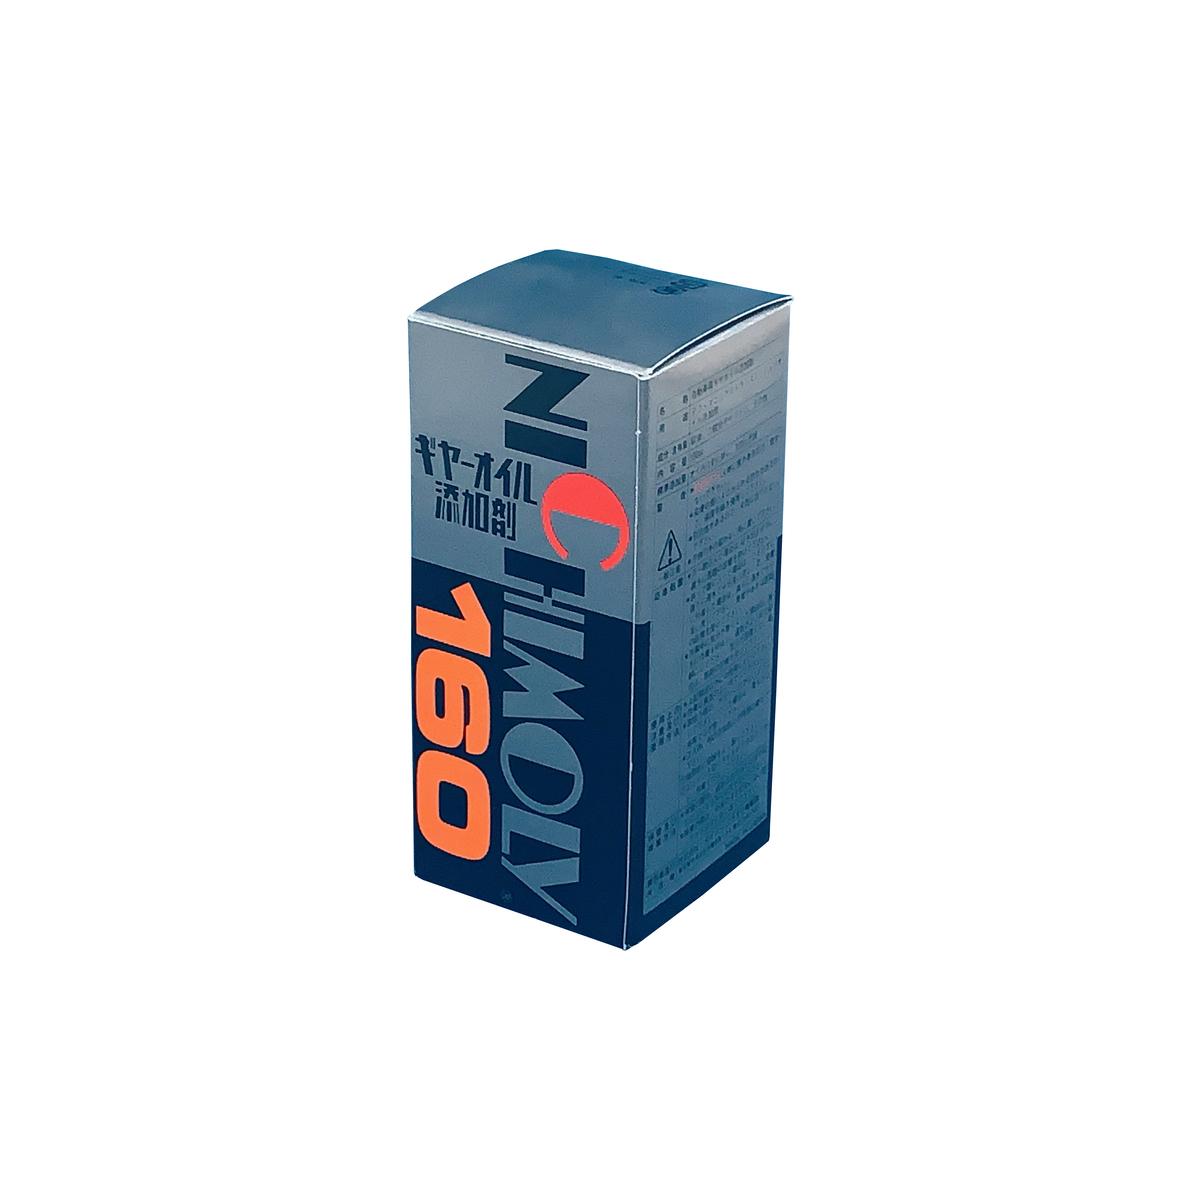 ギヤーオイル添加剤 100cc